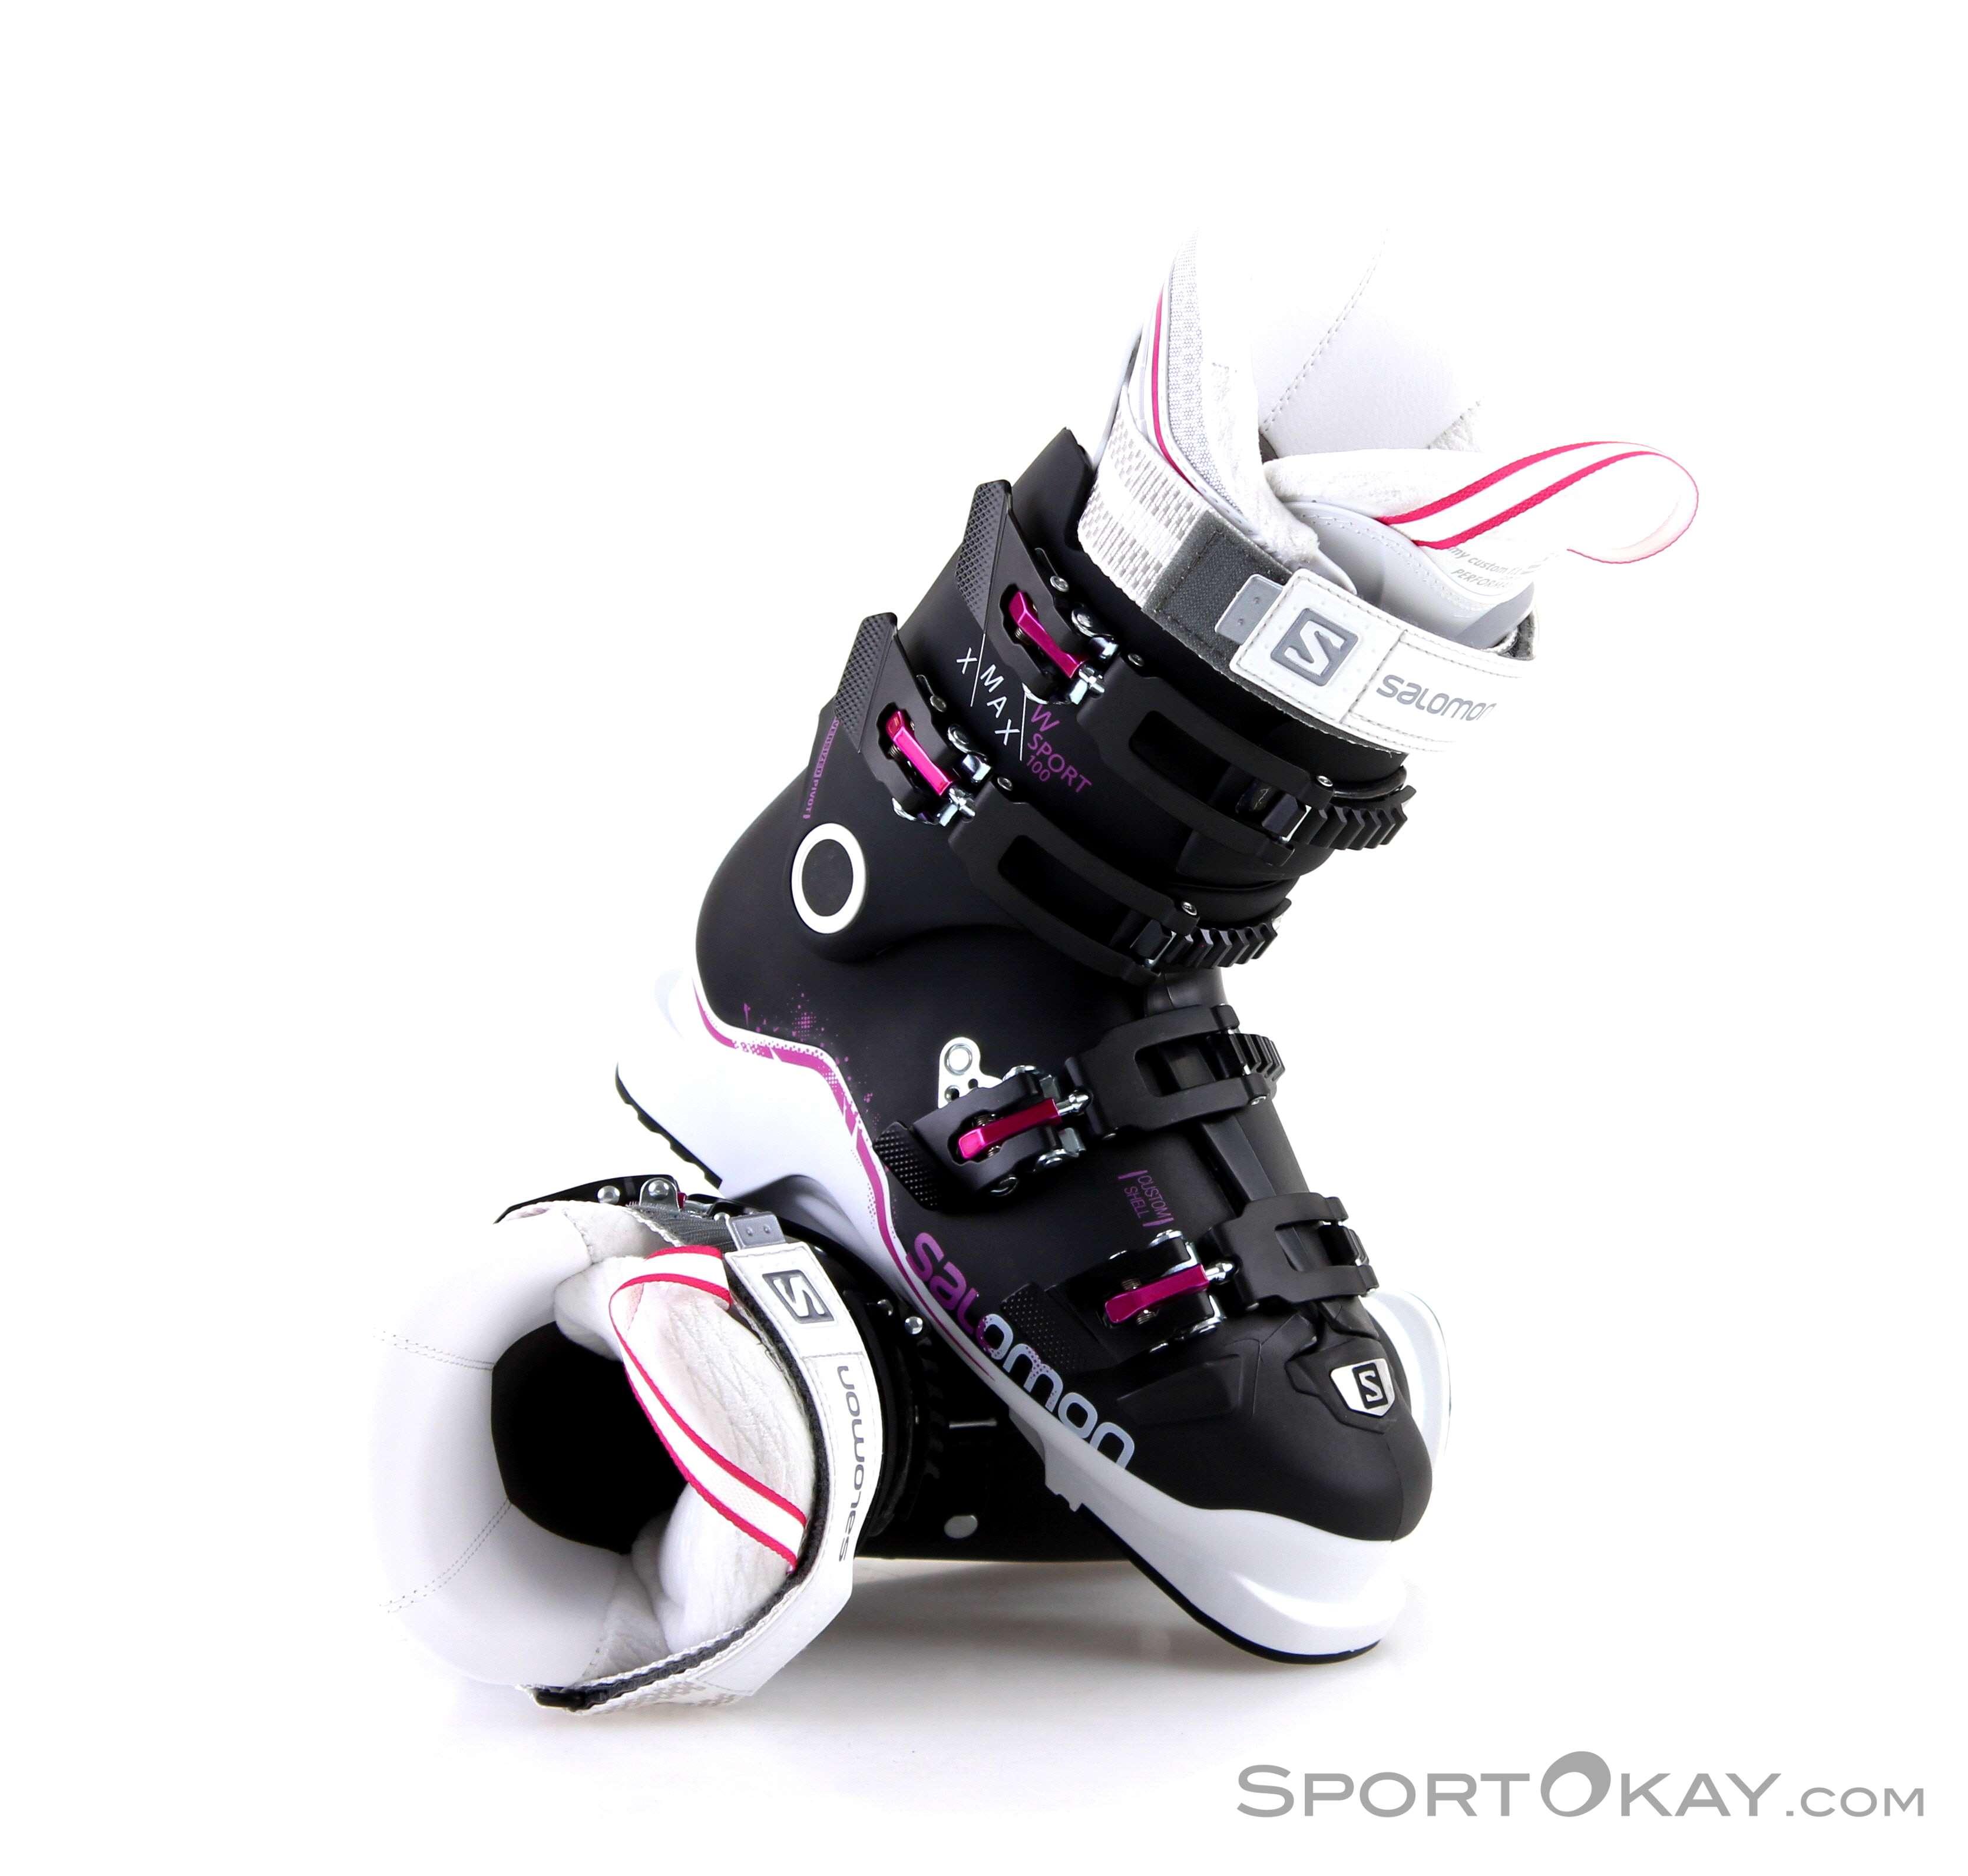 Schnäppchen für Mode schöner Stil Wählen Sie für echte Salomon Salomon X Max Sport 100 Damen Skischuhe